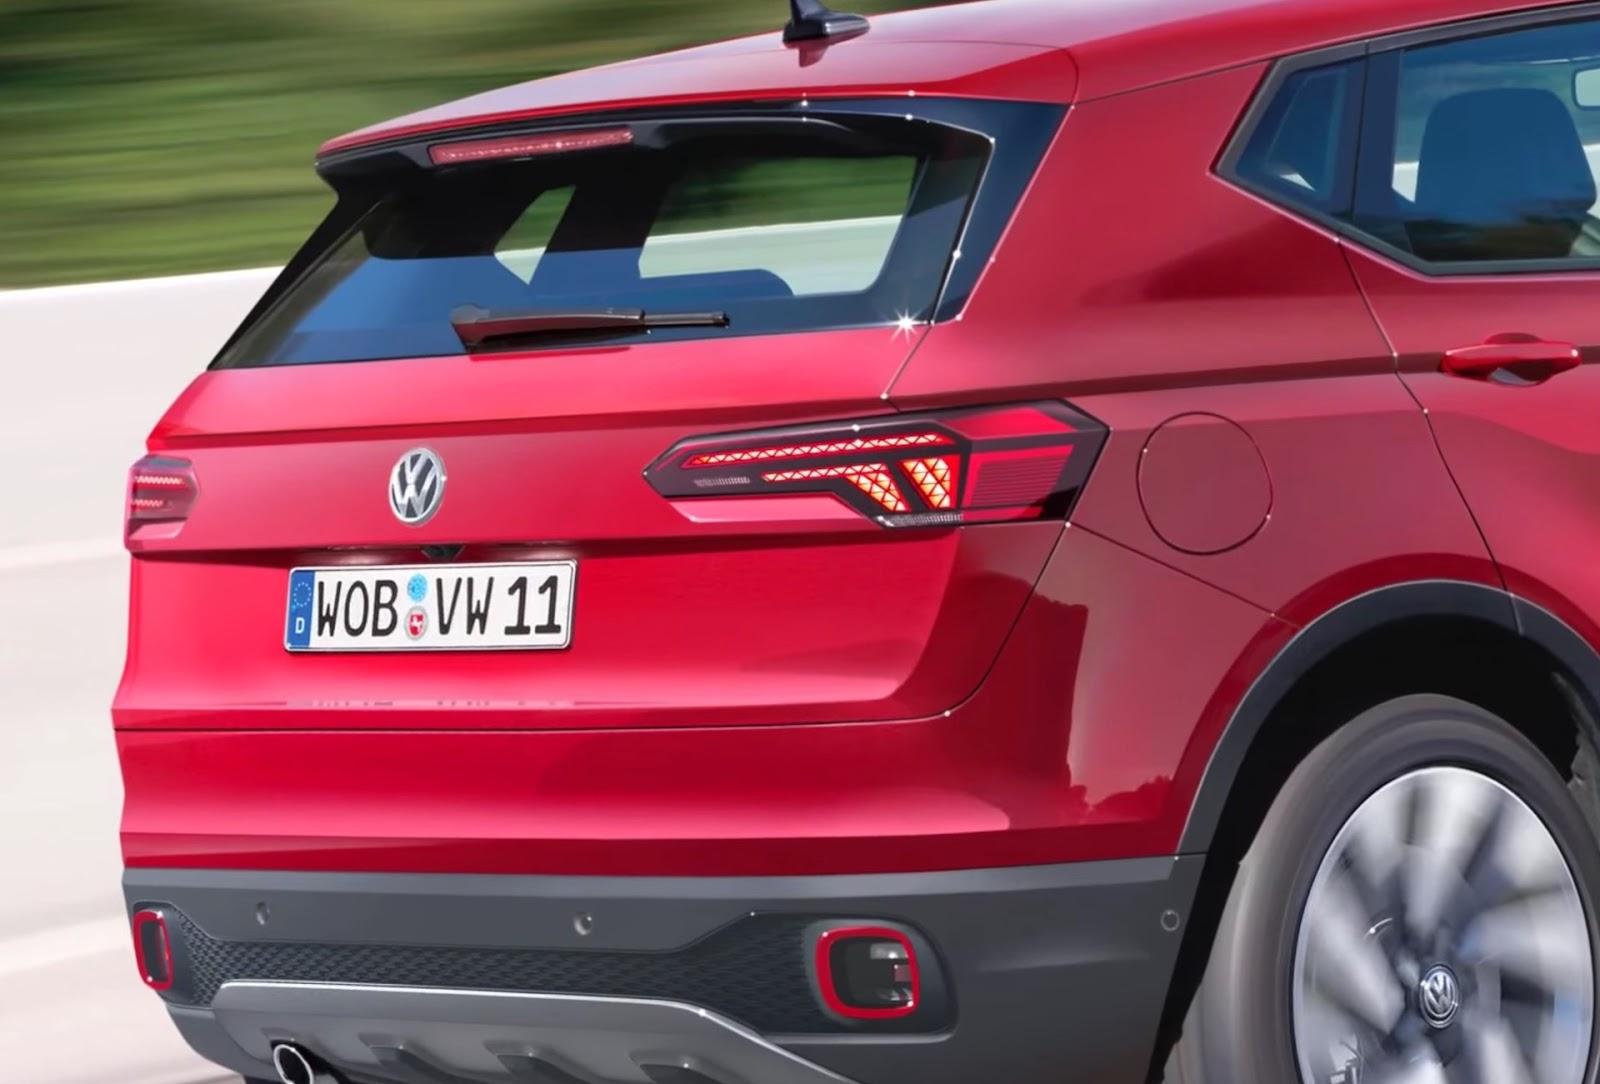 foto dettaglio volkswagen t-cross vista posteriore colore rosso